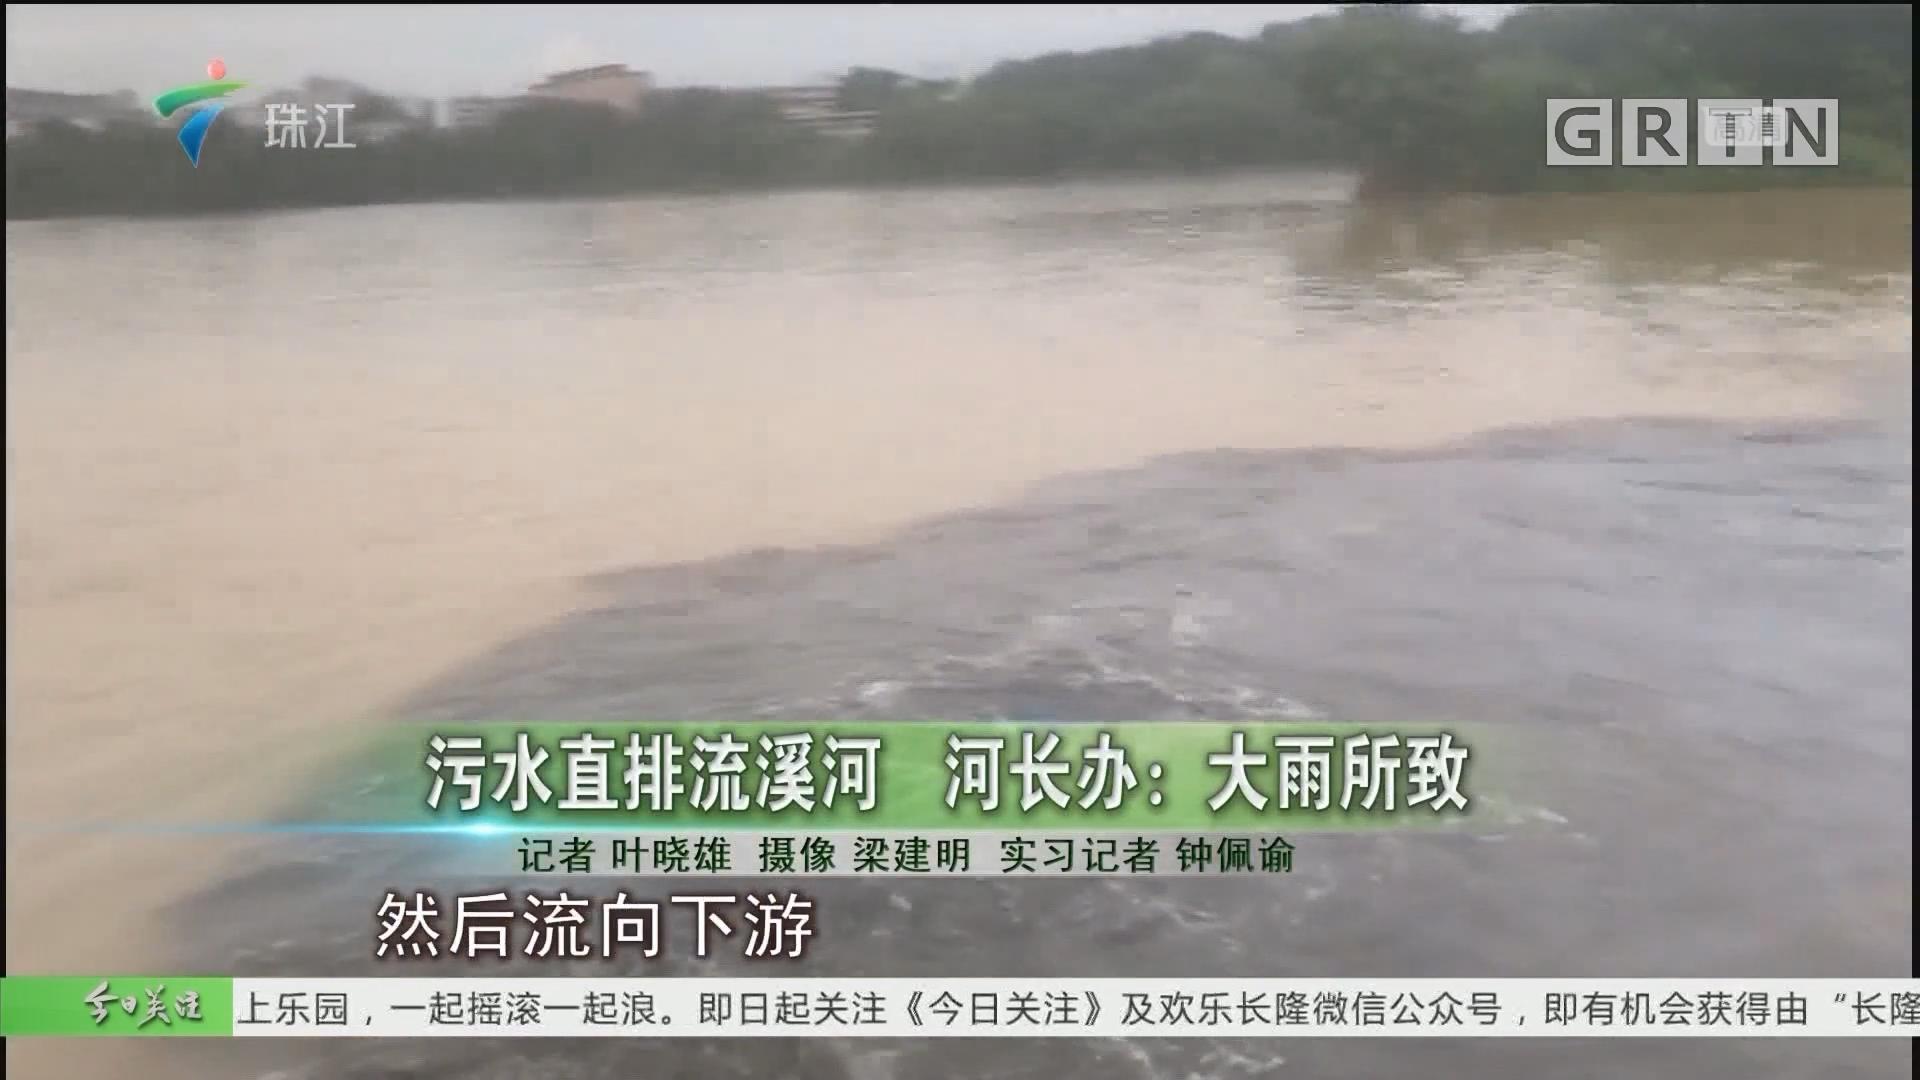 污水直排流溪河 河长办:大雨所致